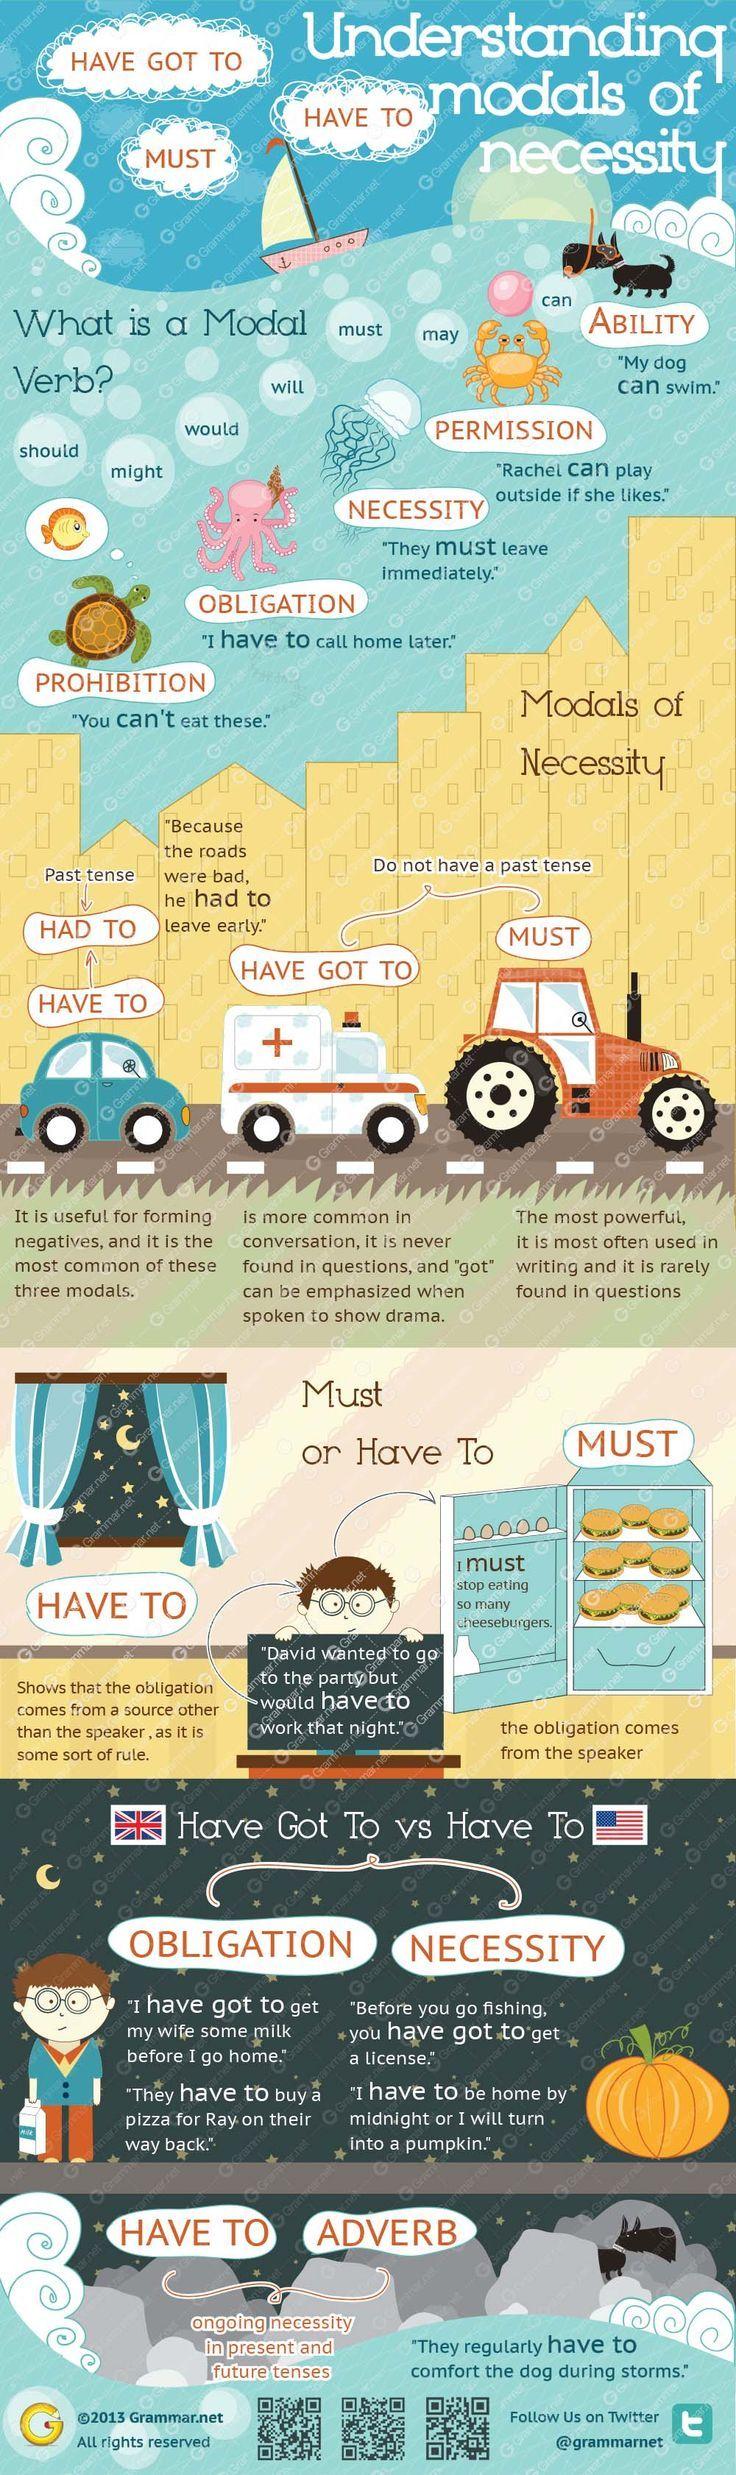 ESL Infographic - Understanding modals of necessity.